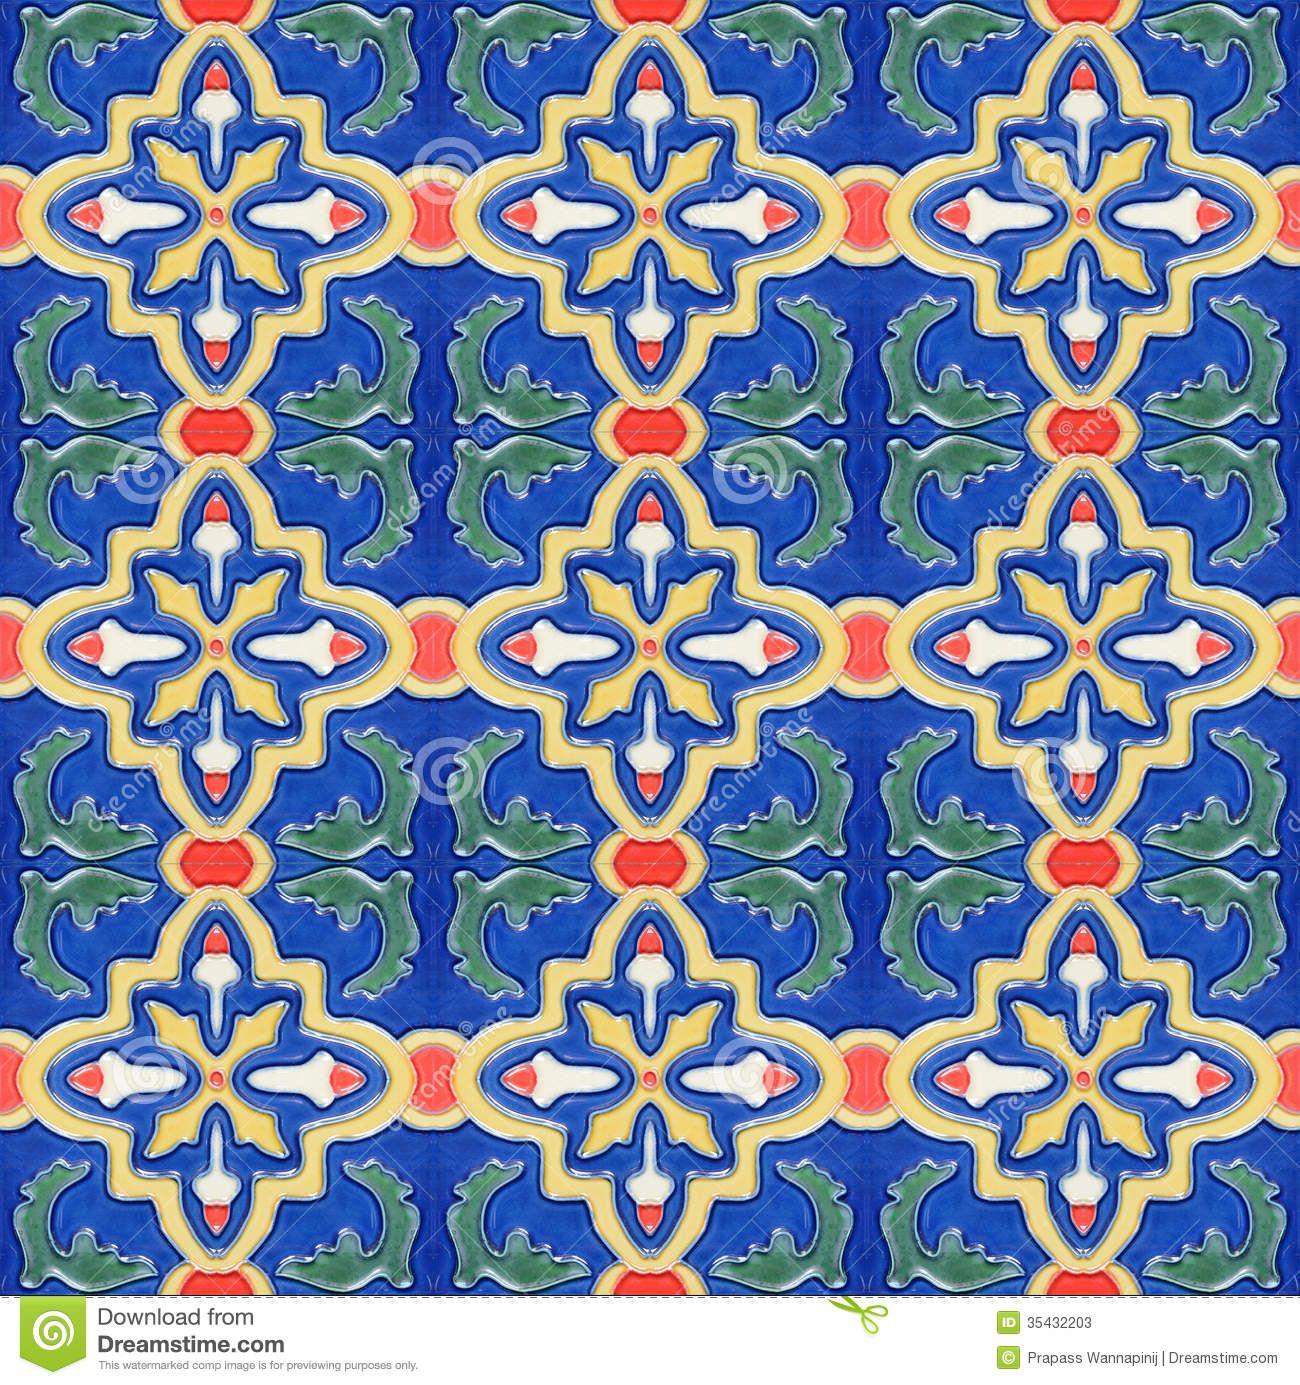 Portuguese Ceramic Tile | Portuguese Spanich Moroccan style vintage ...